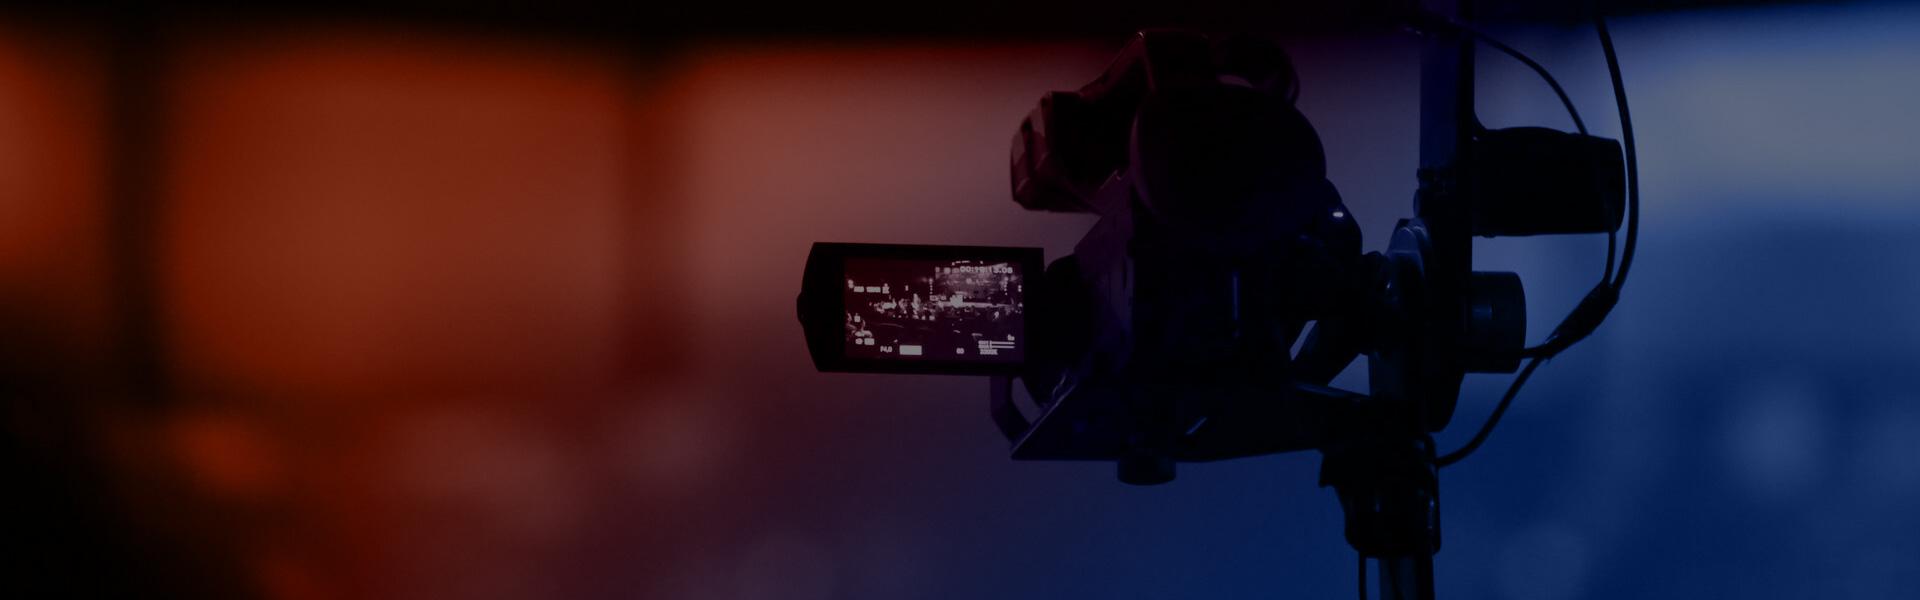 tv-radio-01